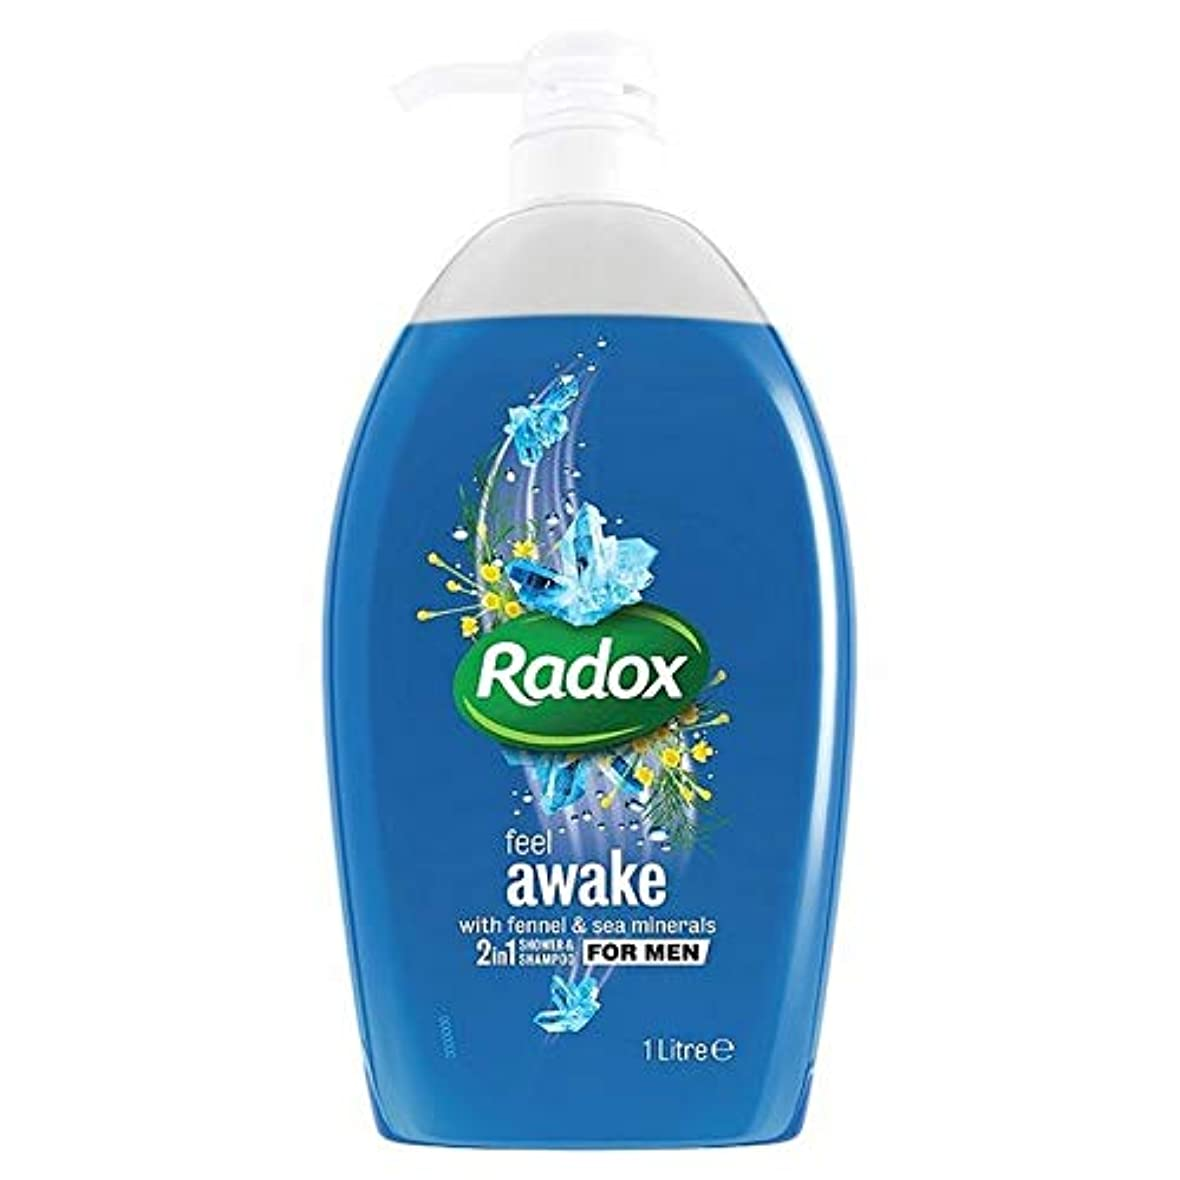 熱心ただ深める[Radox] Radoxは男性の2In1シャワーゲル1リットル用起き感じます - Radox Feel Awake for Men 2in1 Shower Gel 1L [並行輸入品]